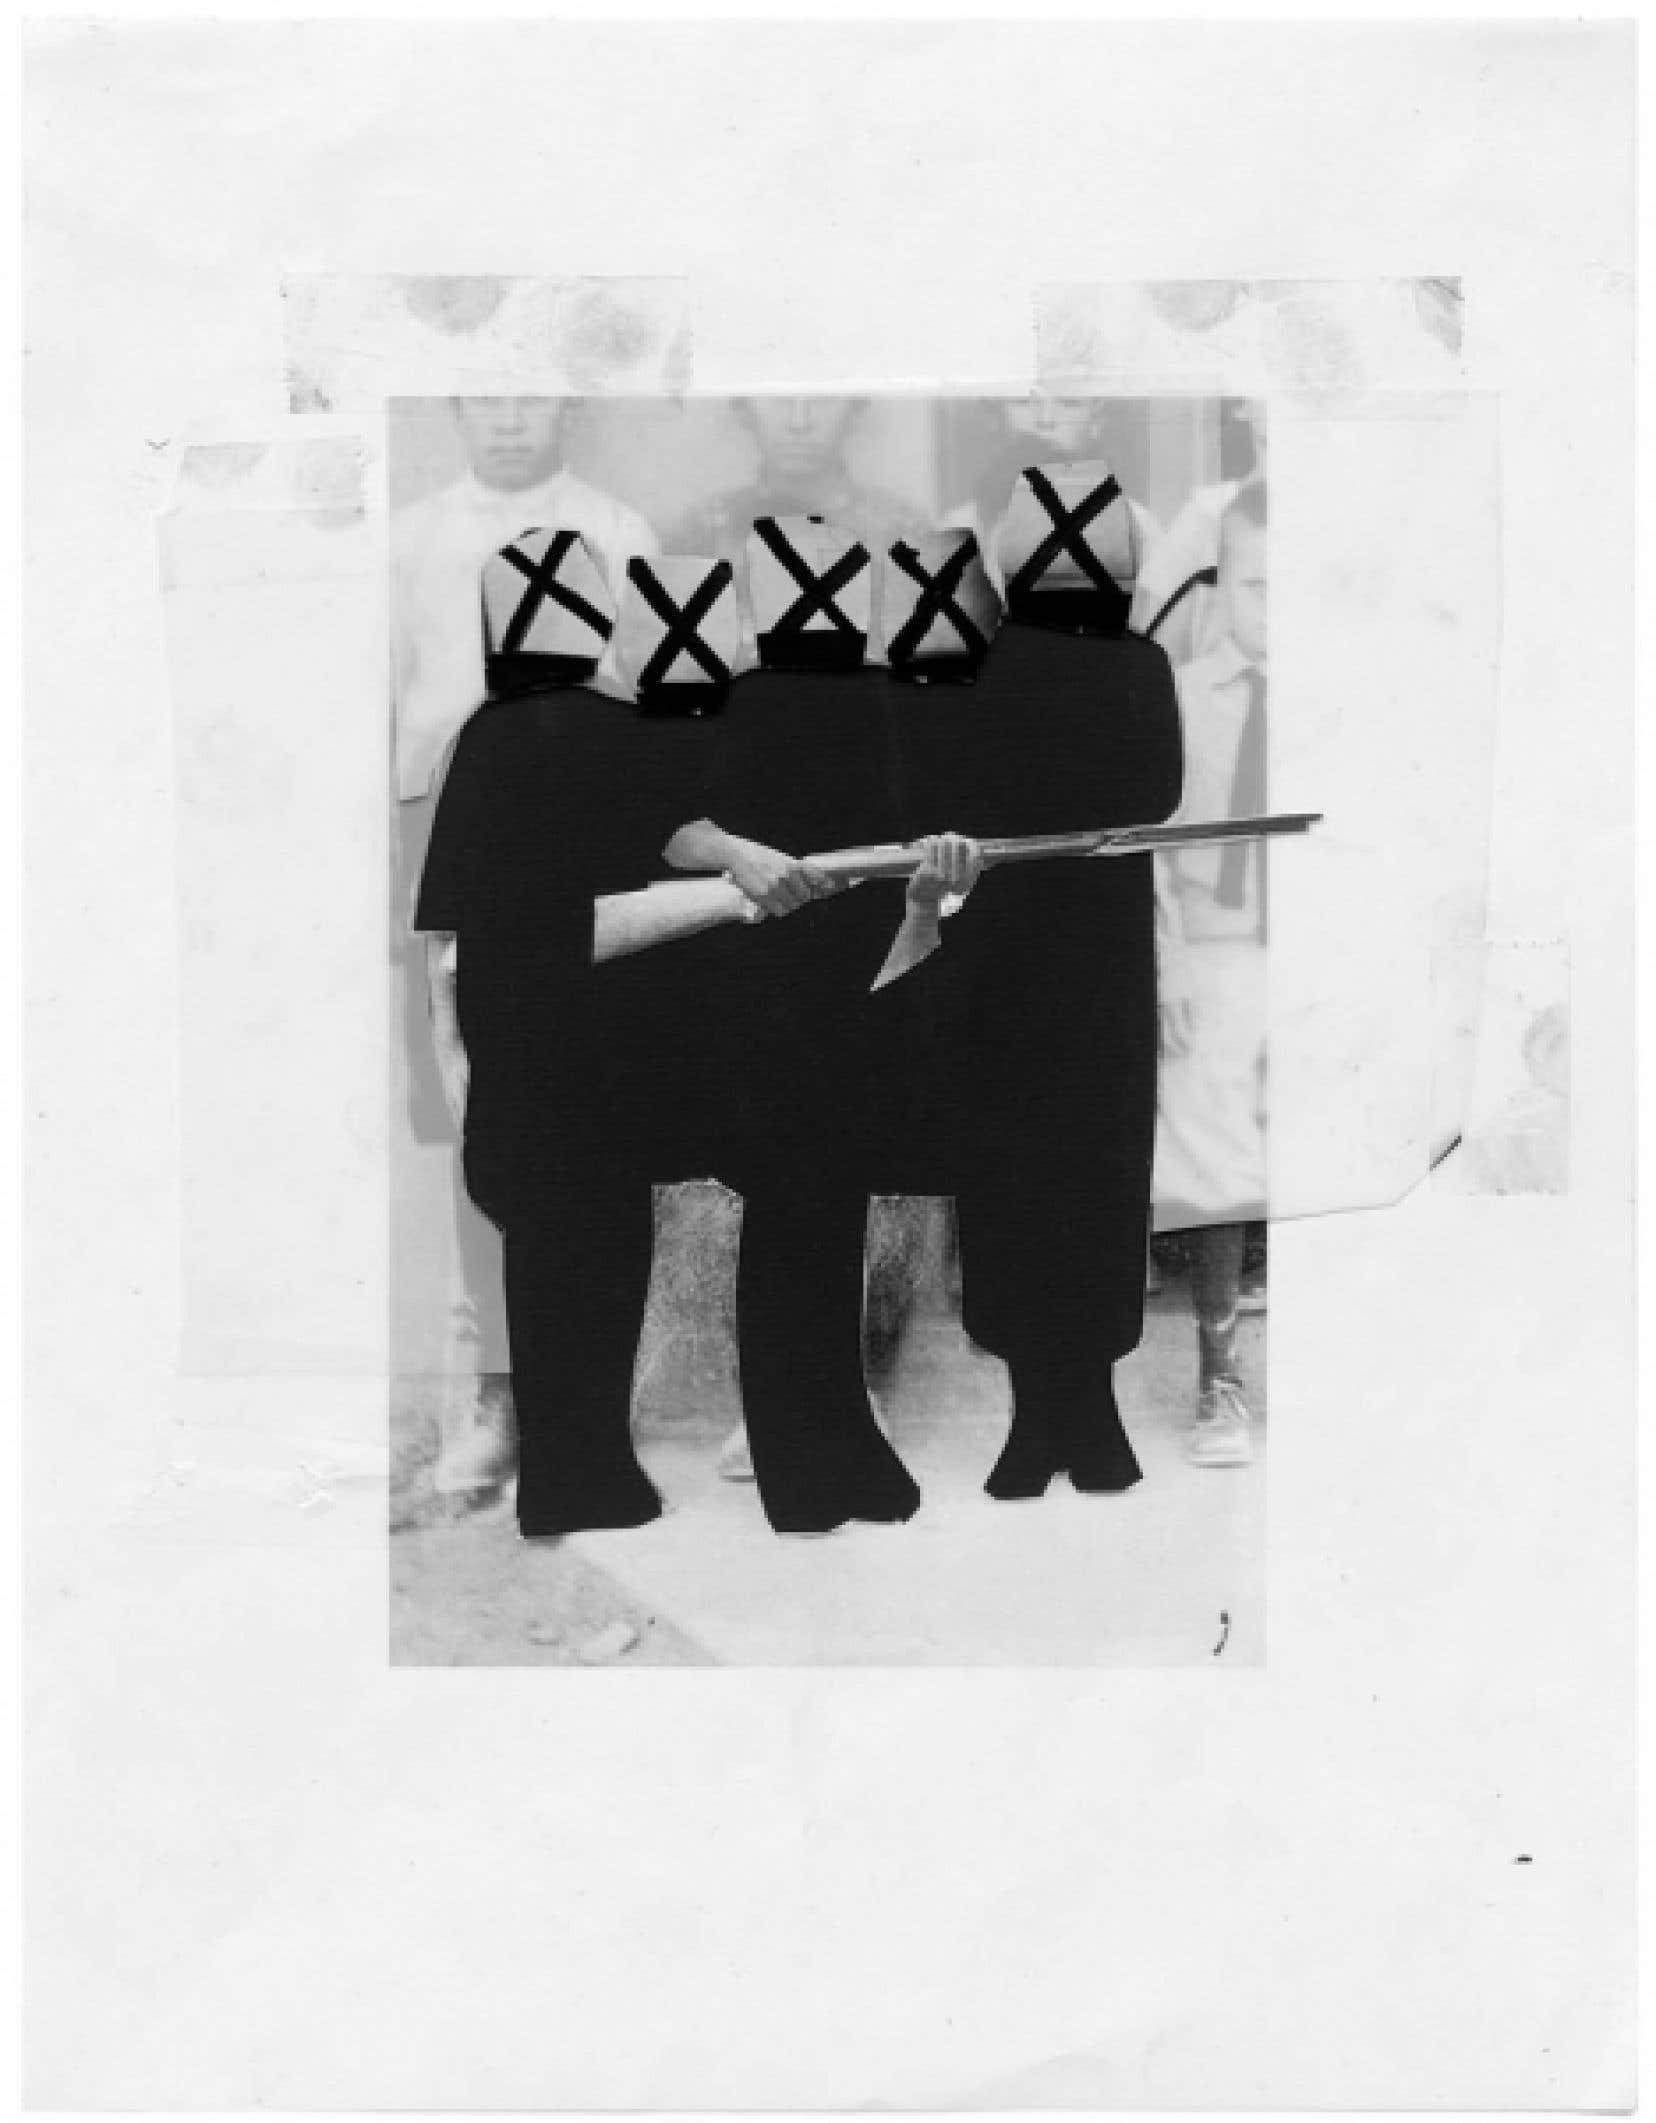 Collage de Sophie Jodoin, 2009-2010. Cont&eacute;, coupures de magazines, impression jet d&rsquo;encre, Mylar sur papier, 28 x 21,5 cm<br />